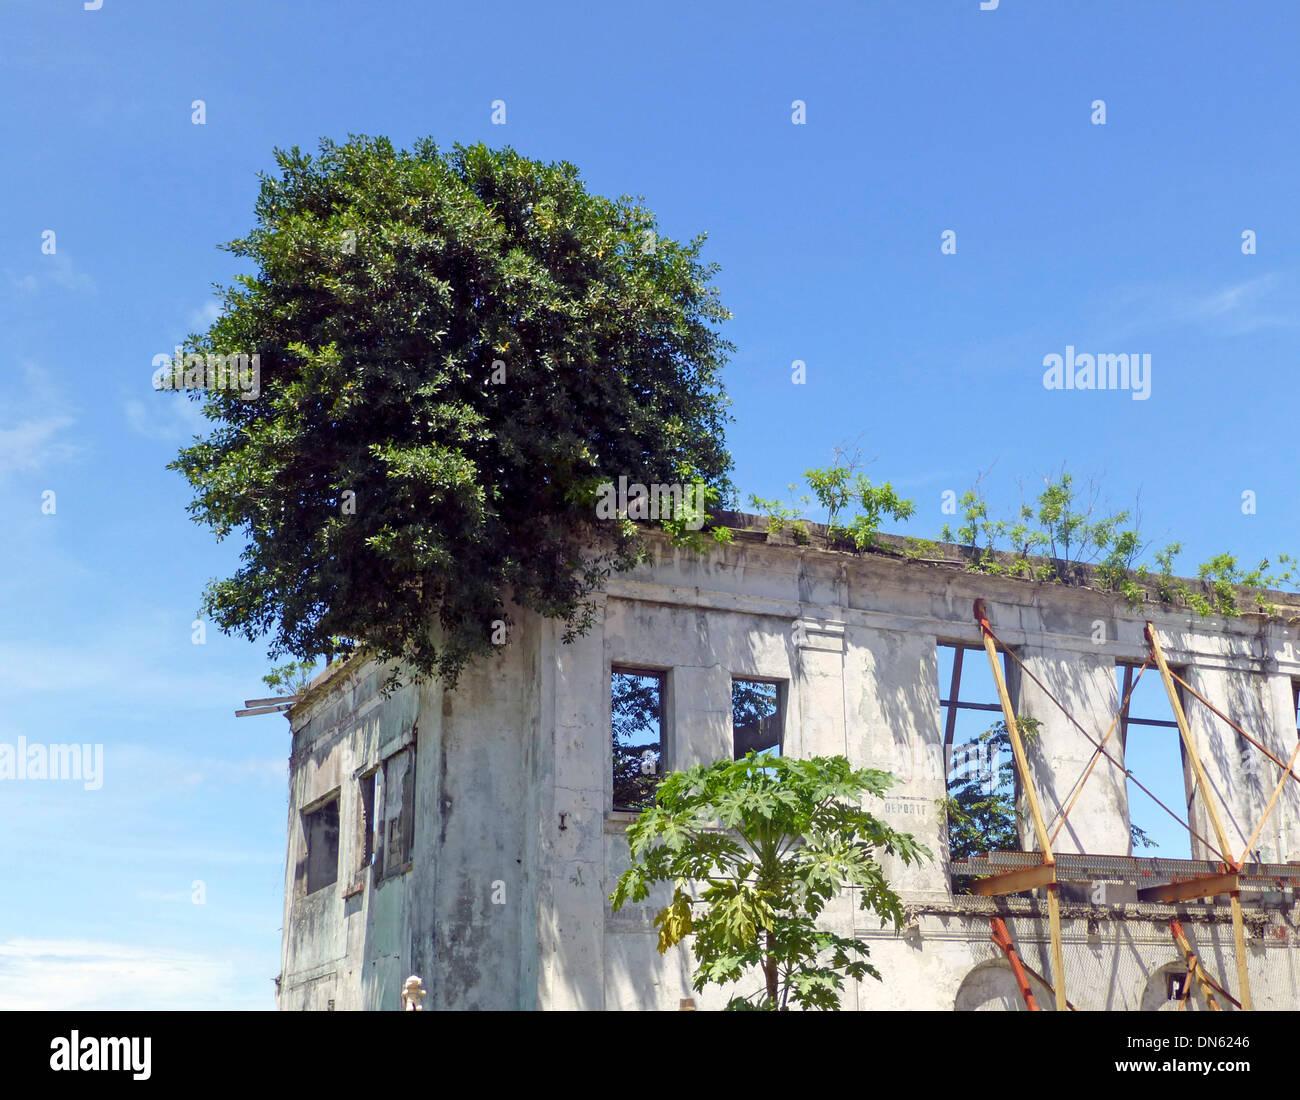 Maison délabrée dans le centre historique Casco Viejo, aussi vieille ville ou San Felipe, Panama City, Panama Photo Stock